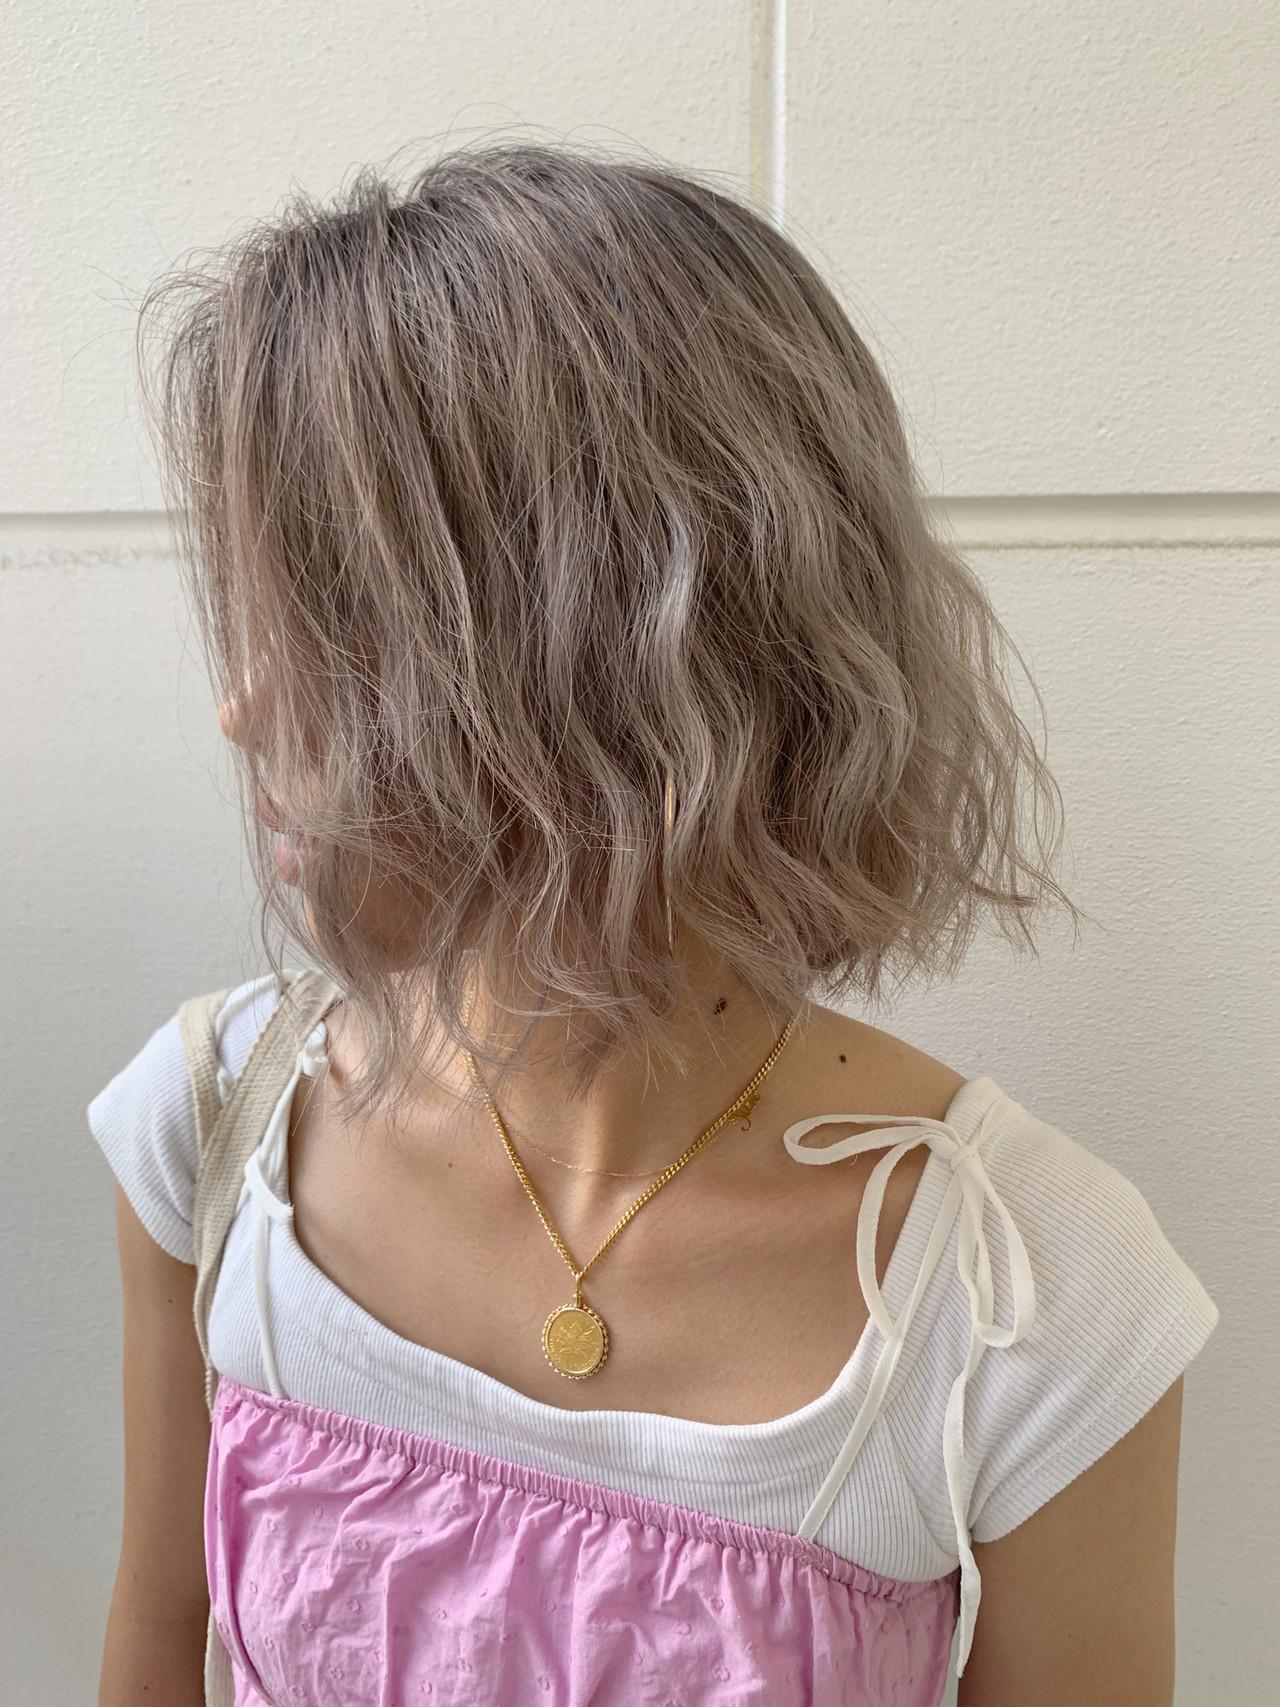 ヘアアレンジ バレイヤージュ ベージュ ミルクティーベージュ ヘアスタイルや髪型の写真・画像 | 寺坂 雄飛 / banks hair